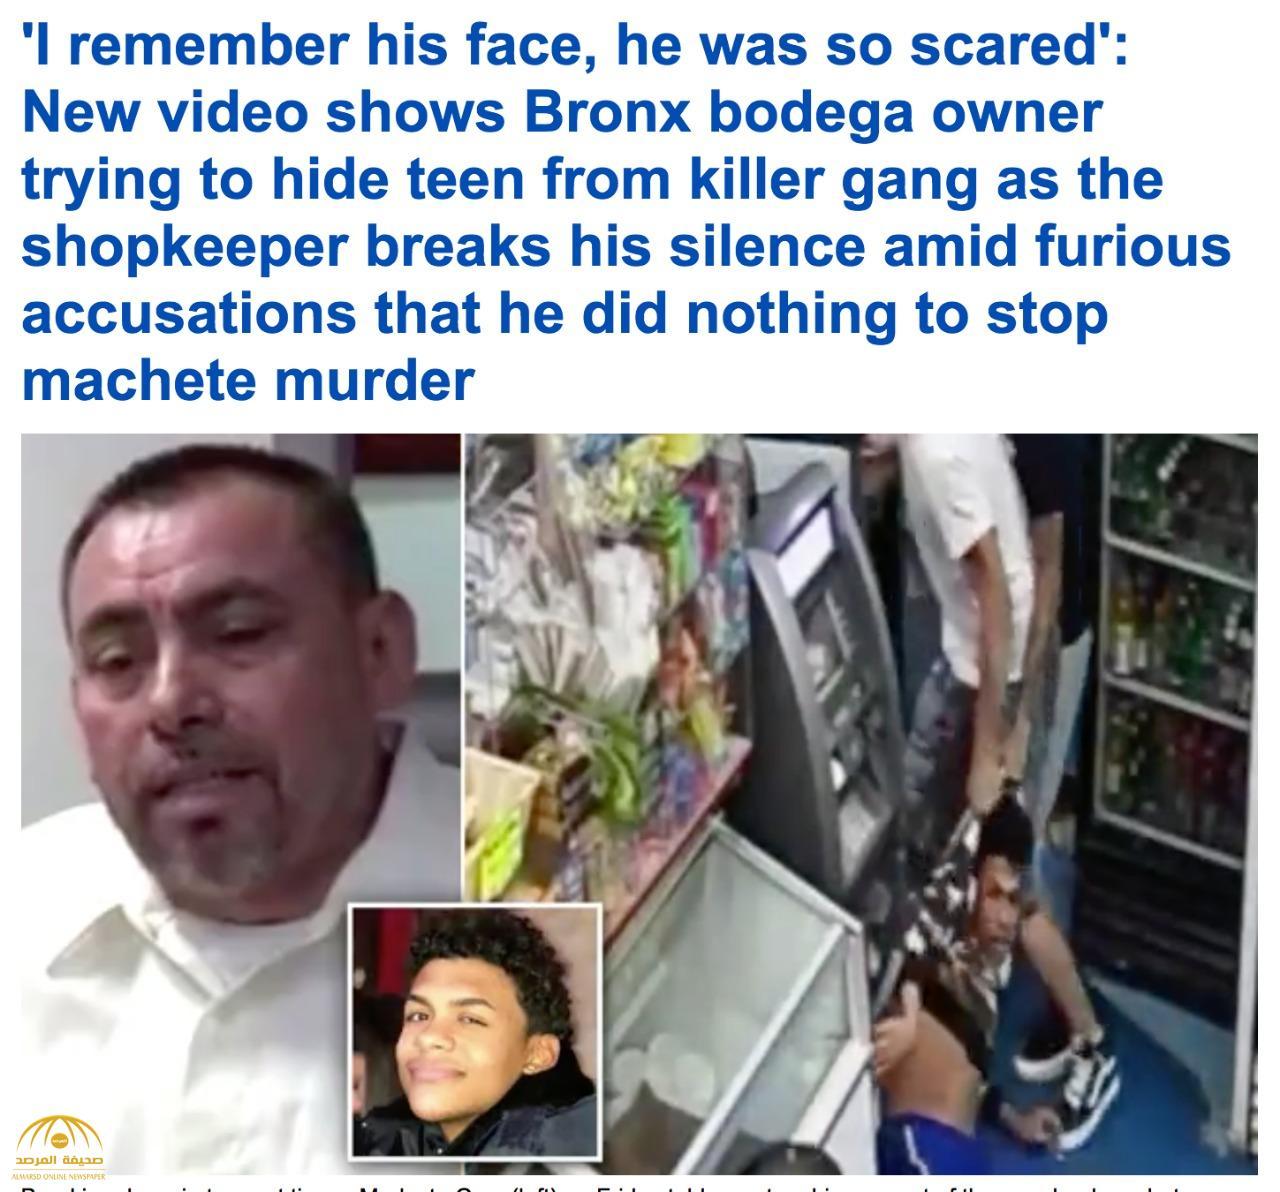 شاهد : فيديو جديد لحادثة طعن الشاب التي هزت أمريكا .. وهذا ما فعله صاحب المتجر الذي كان يحاول الاختباء فيه